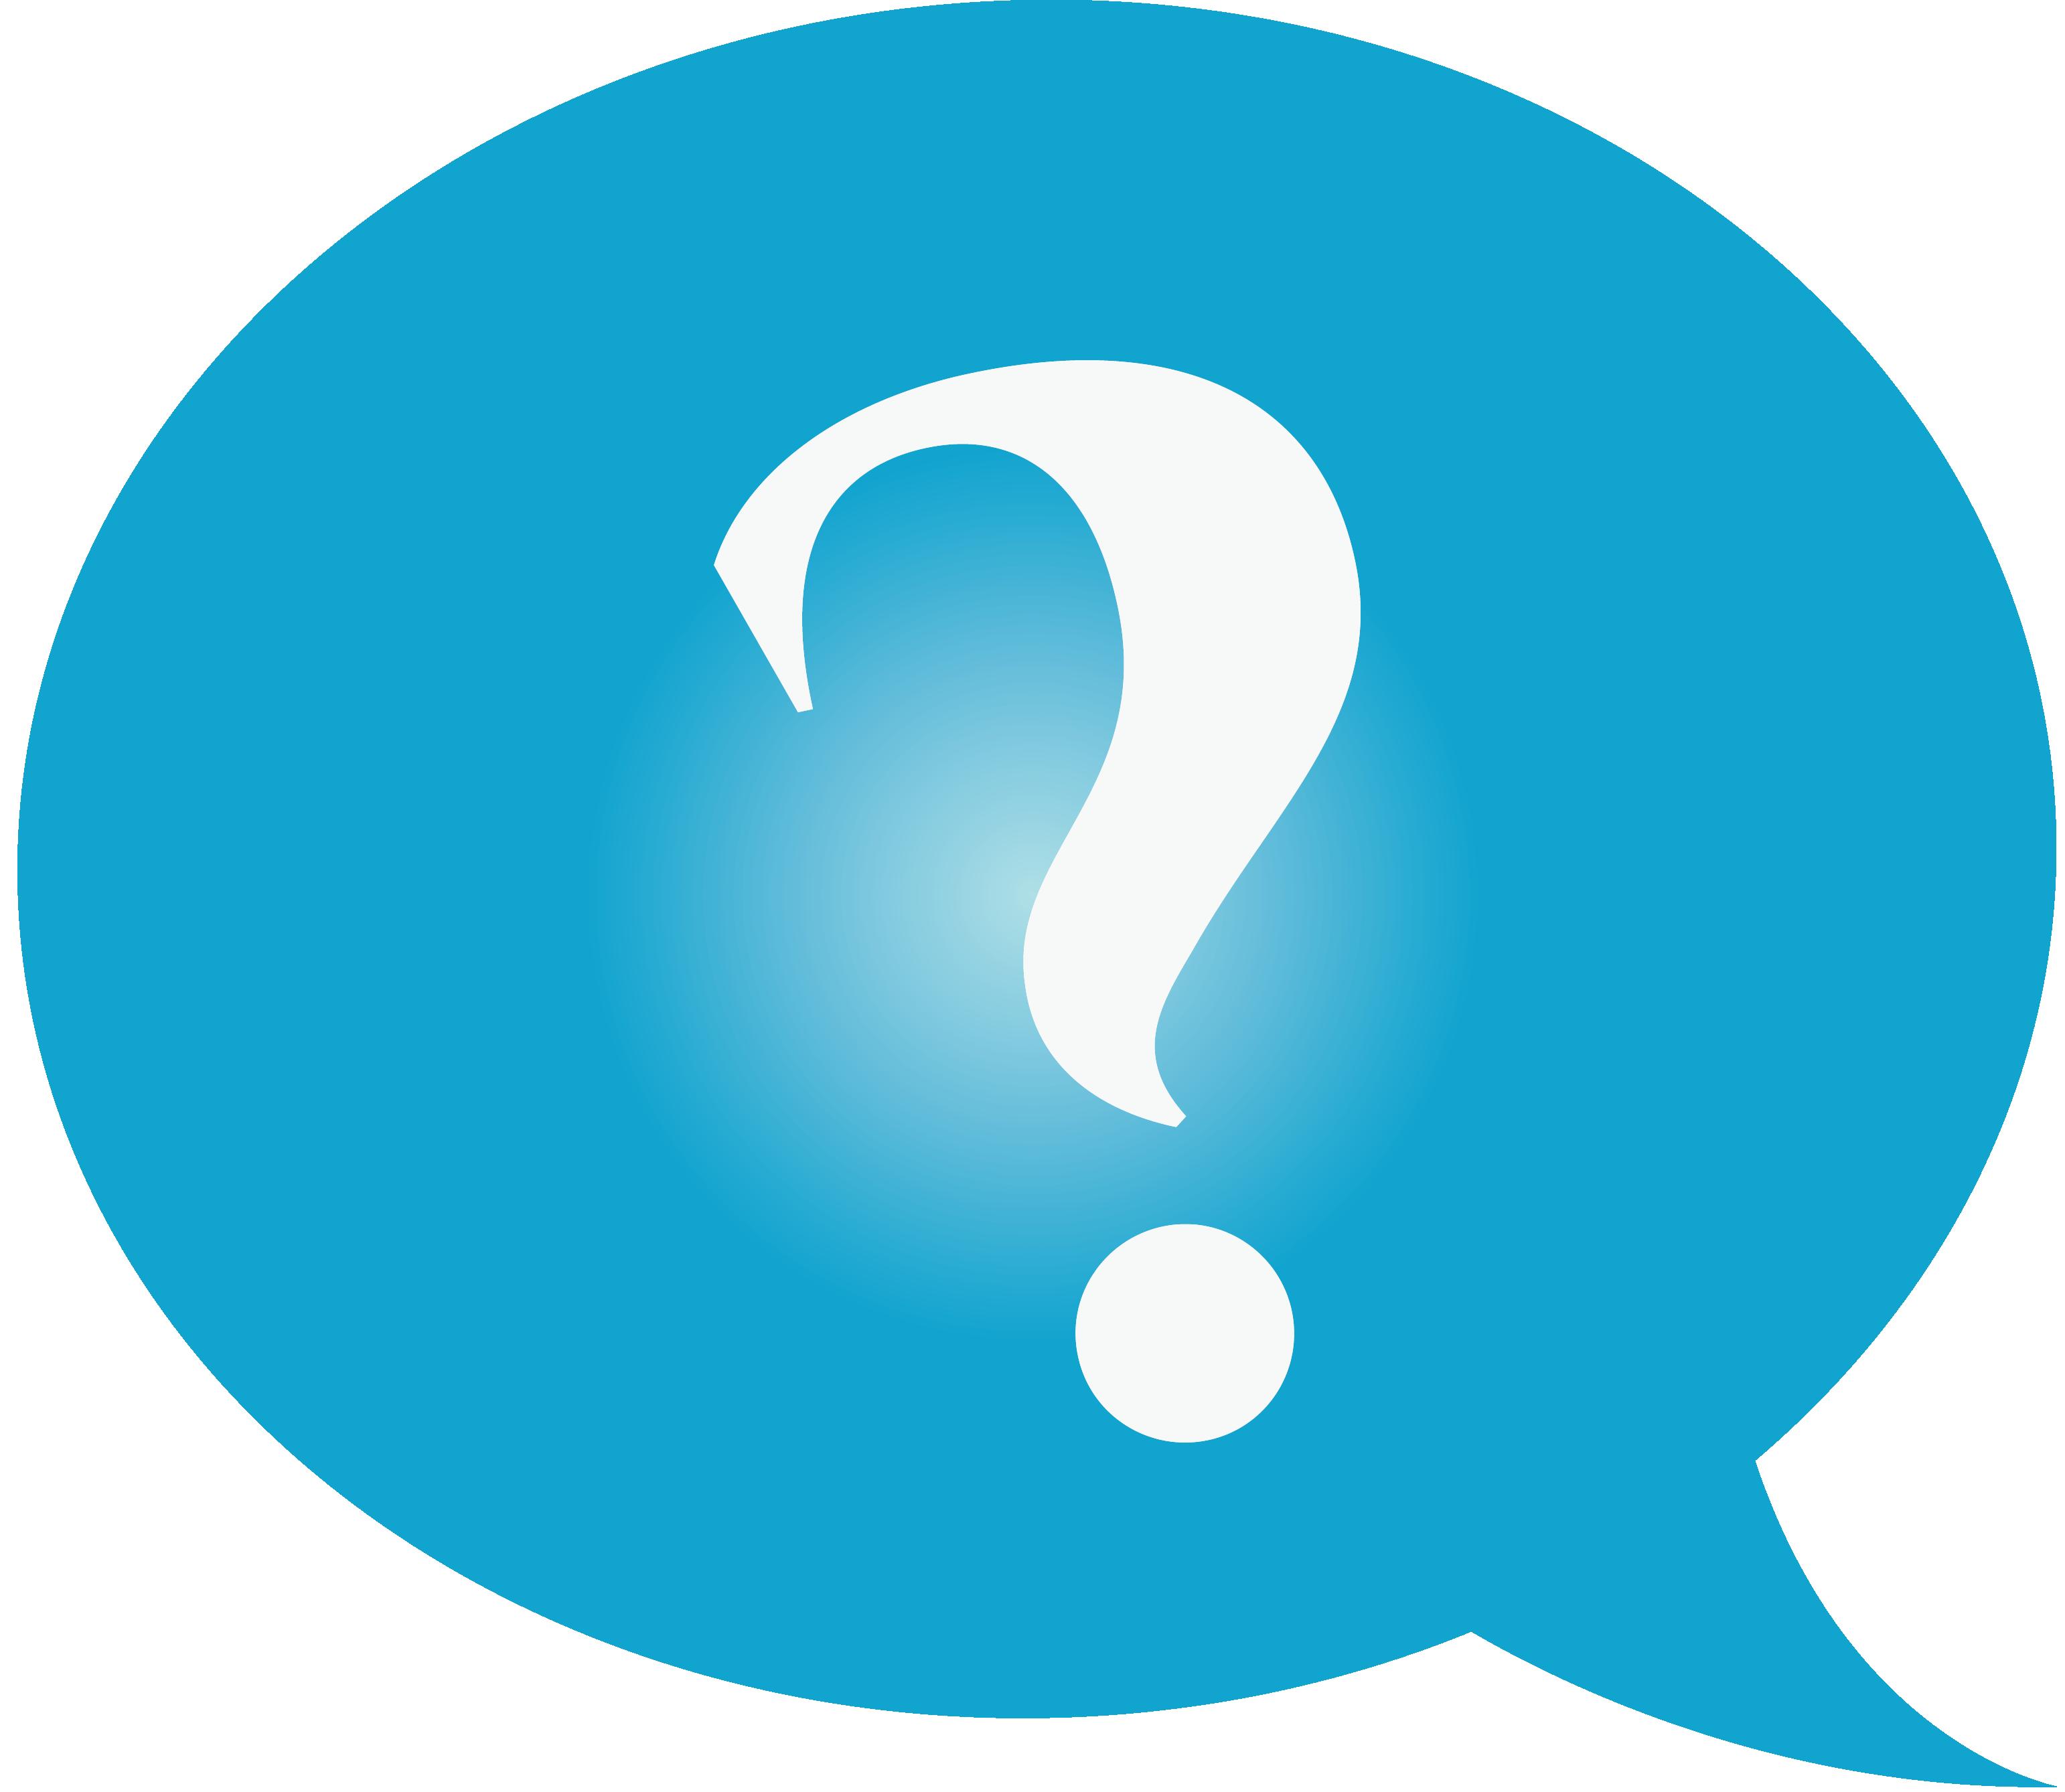 como ajudar seu médico - fazendo boas perguntas - raciocínio clínico